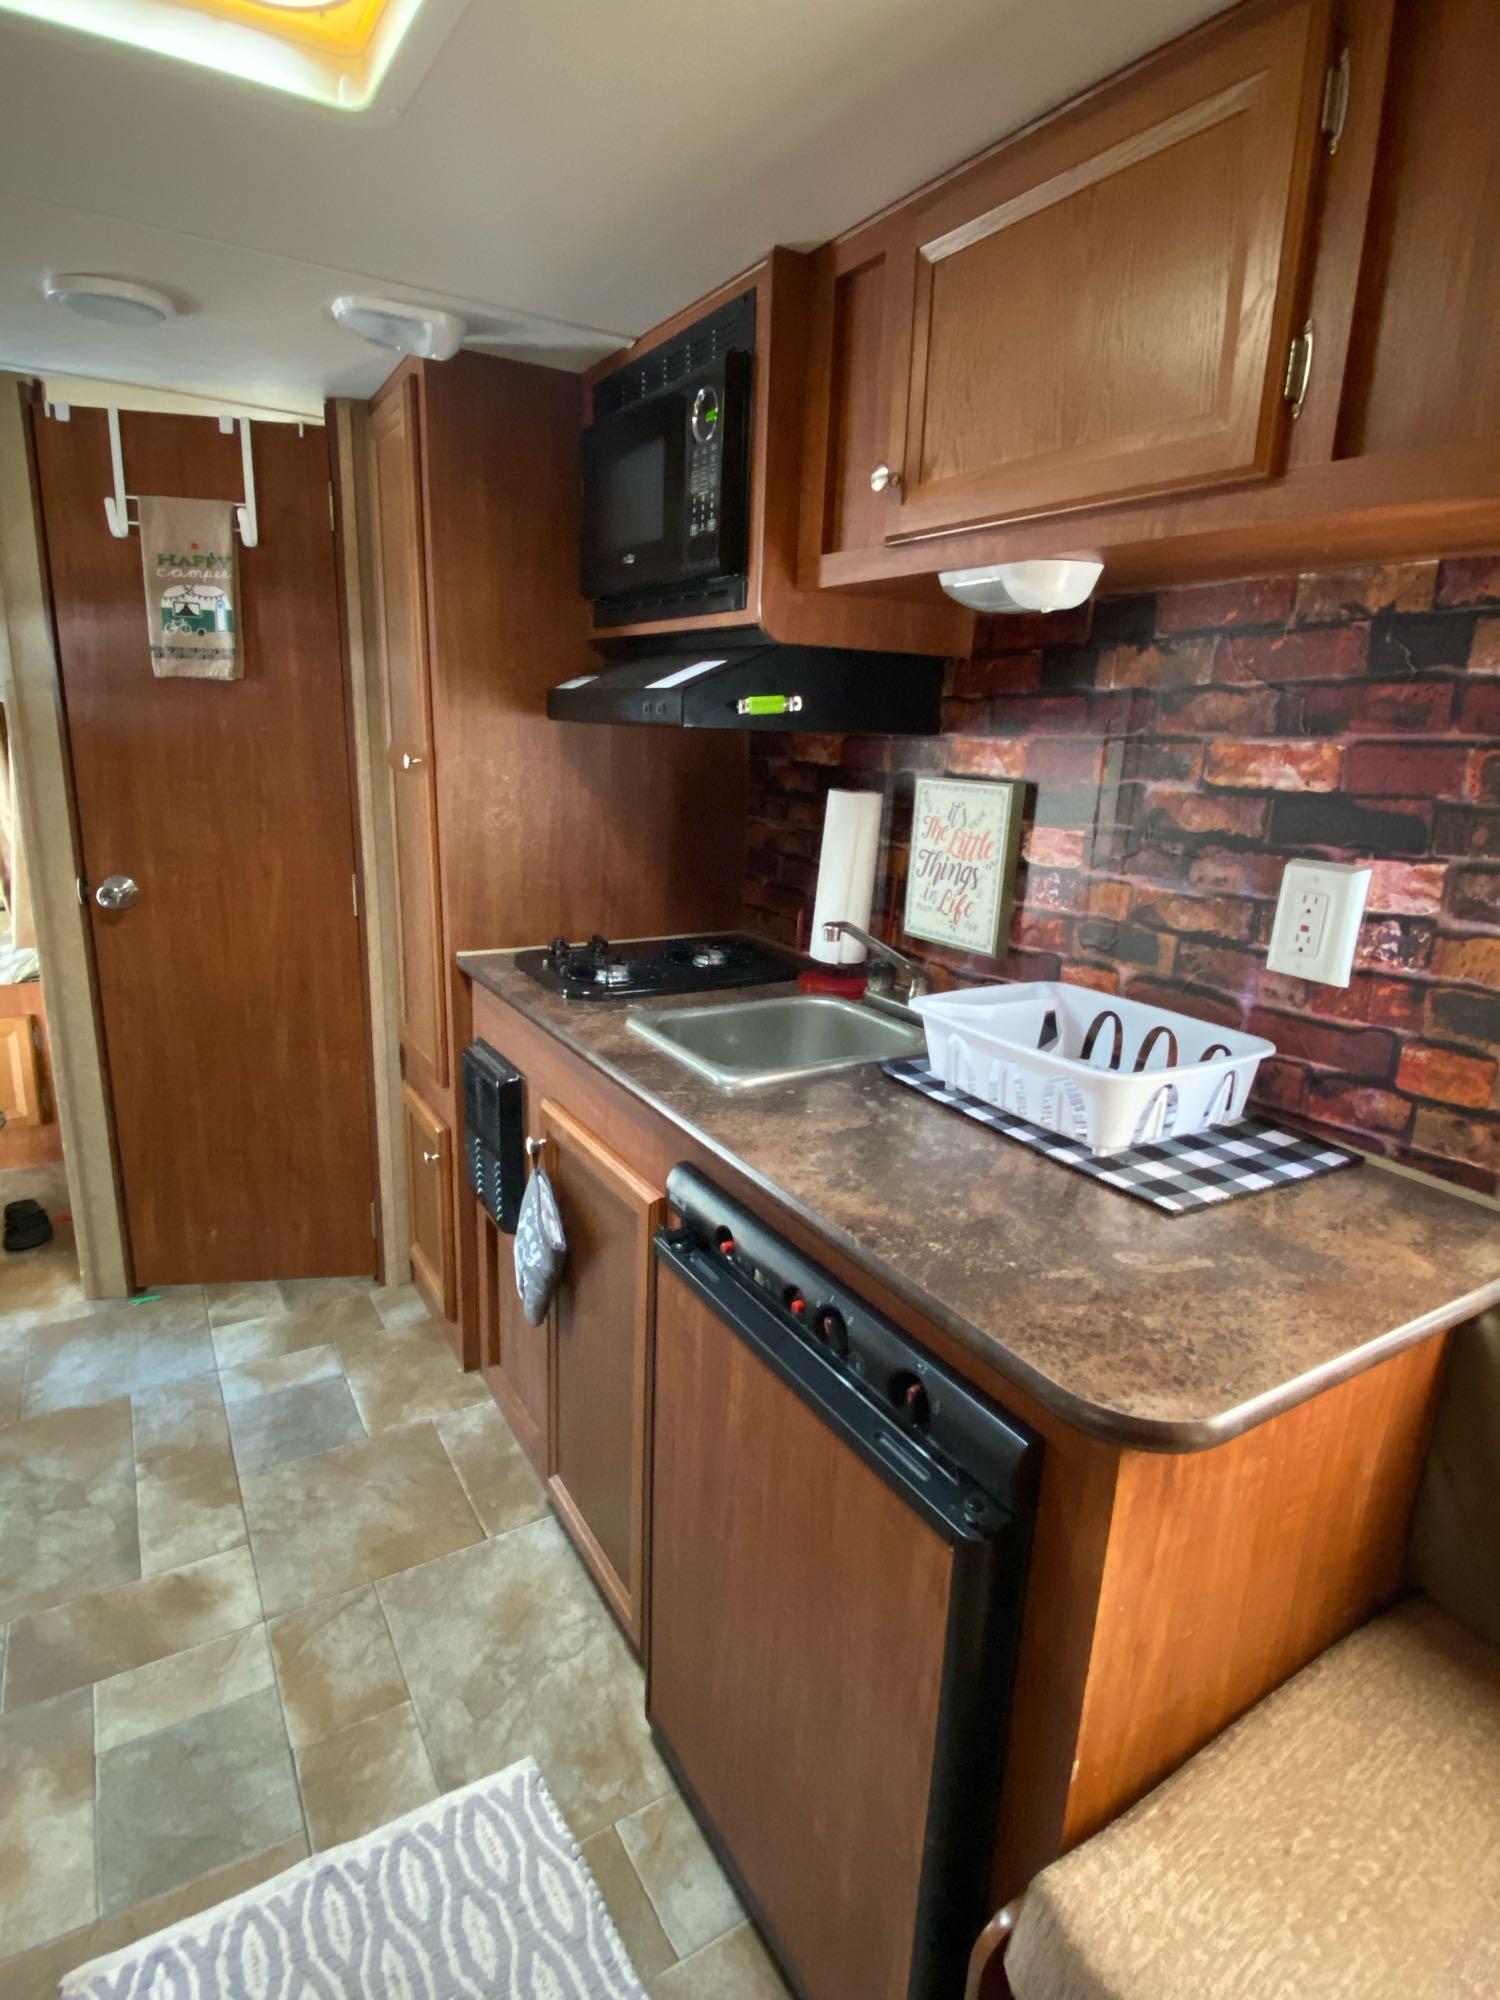 Fully stocked Kitchen. Jayco Jay Flight Swift 2013